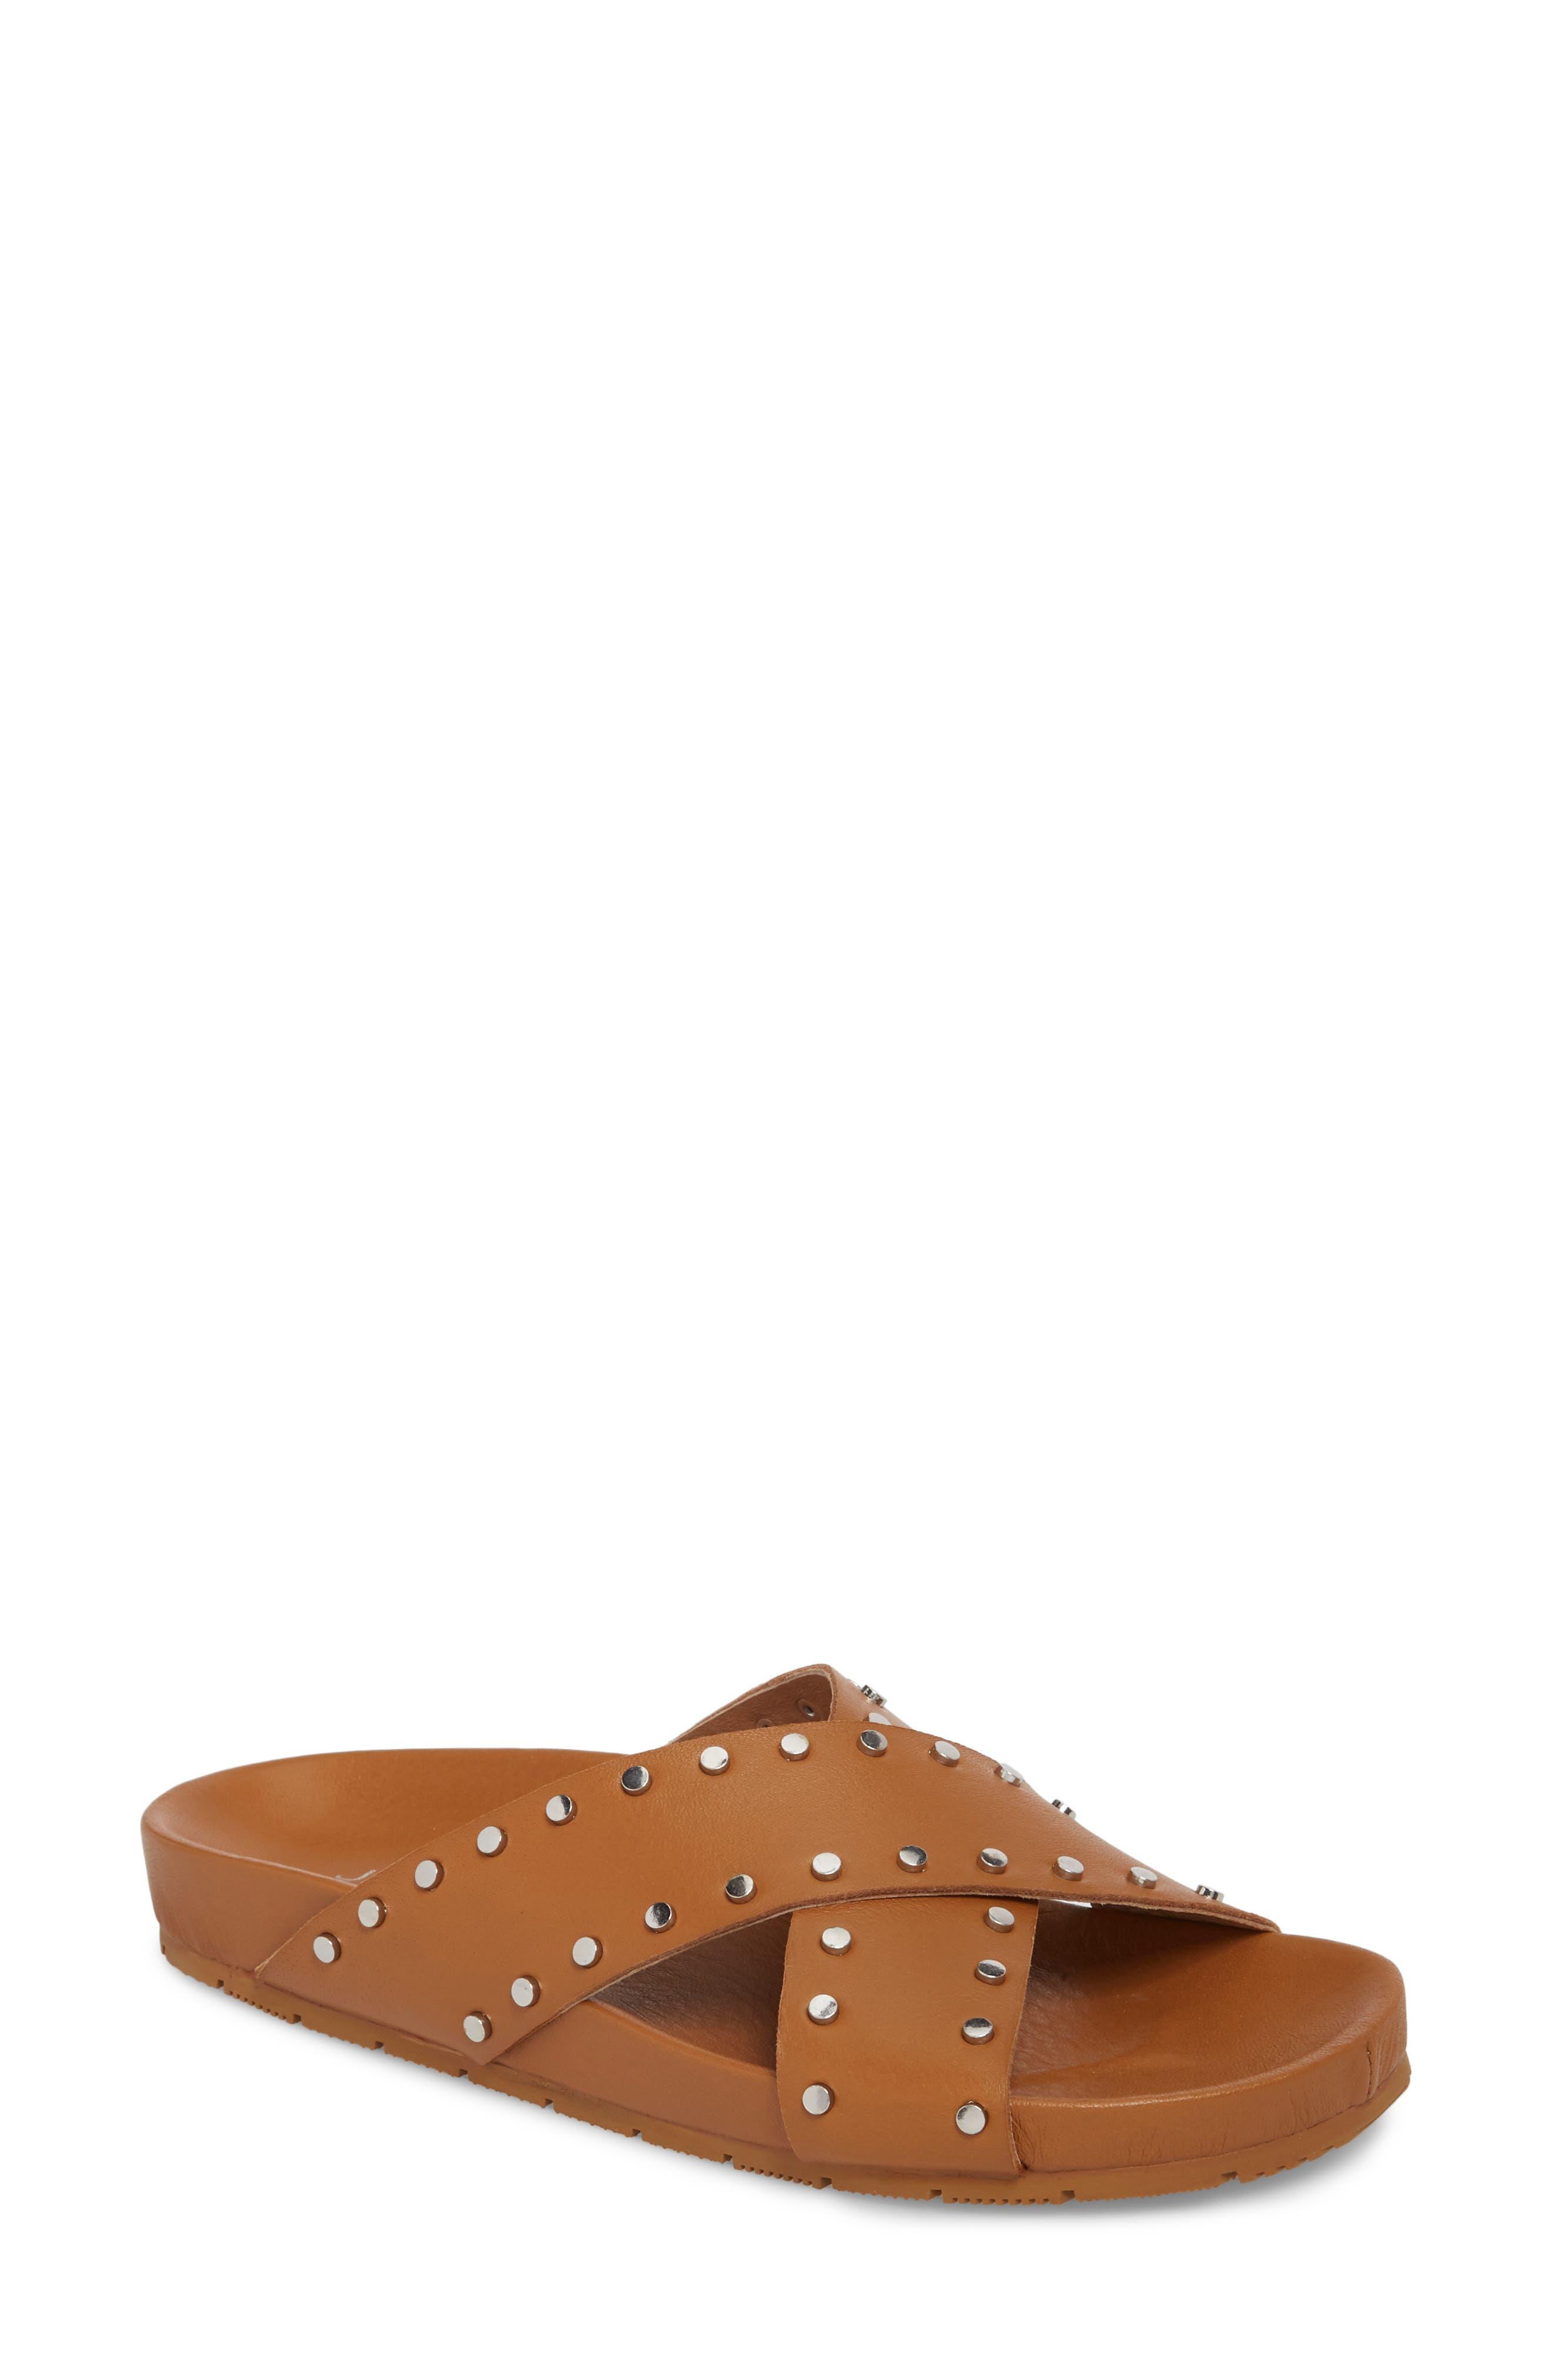 Ellie Studded Slide Sandal,                         Main,                         color, Tan Leather